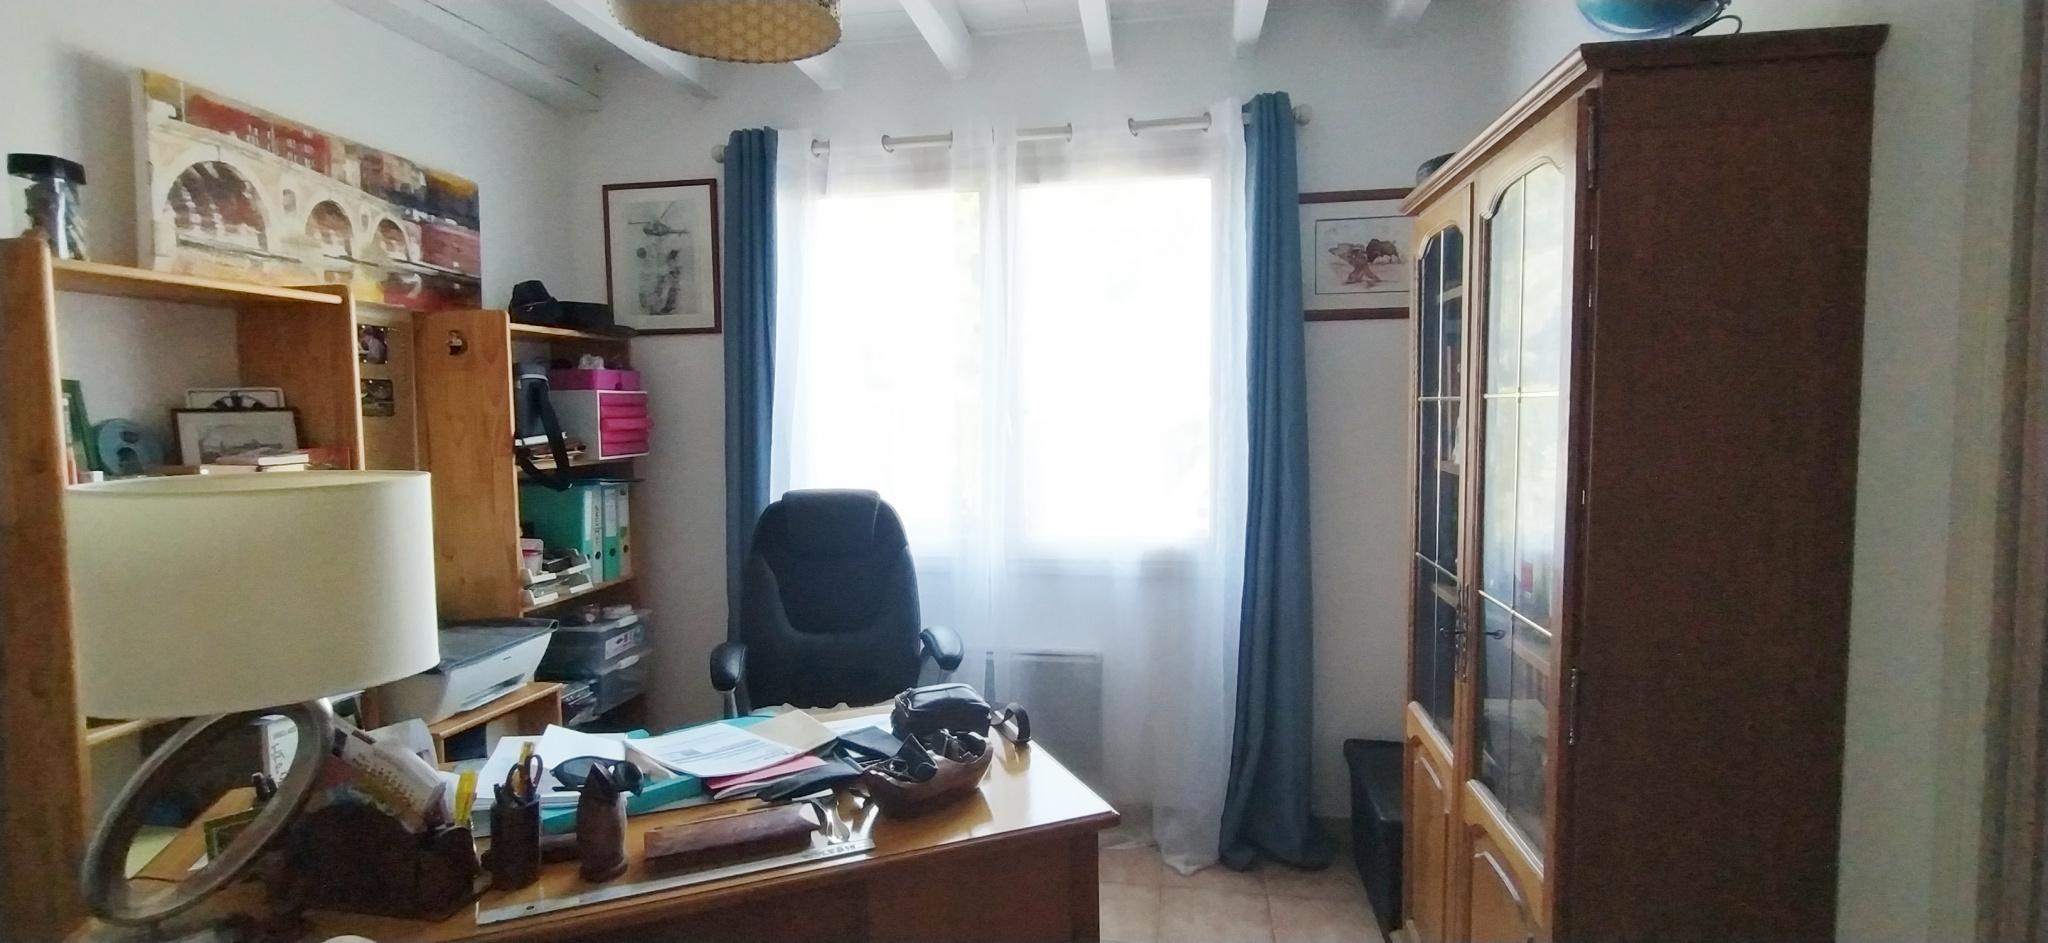 À vendre maison/villa de 140m2 à argeles sur mer (66700) - Photo 6'